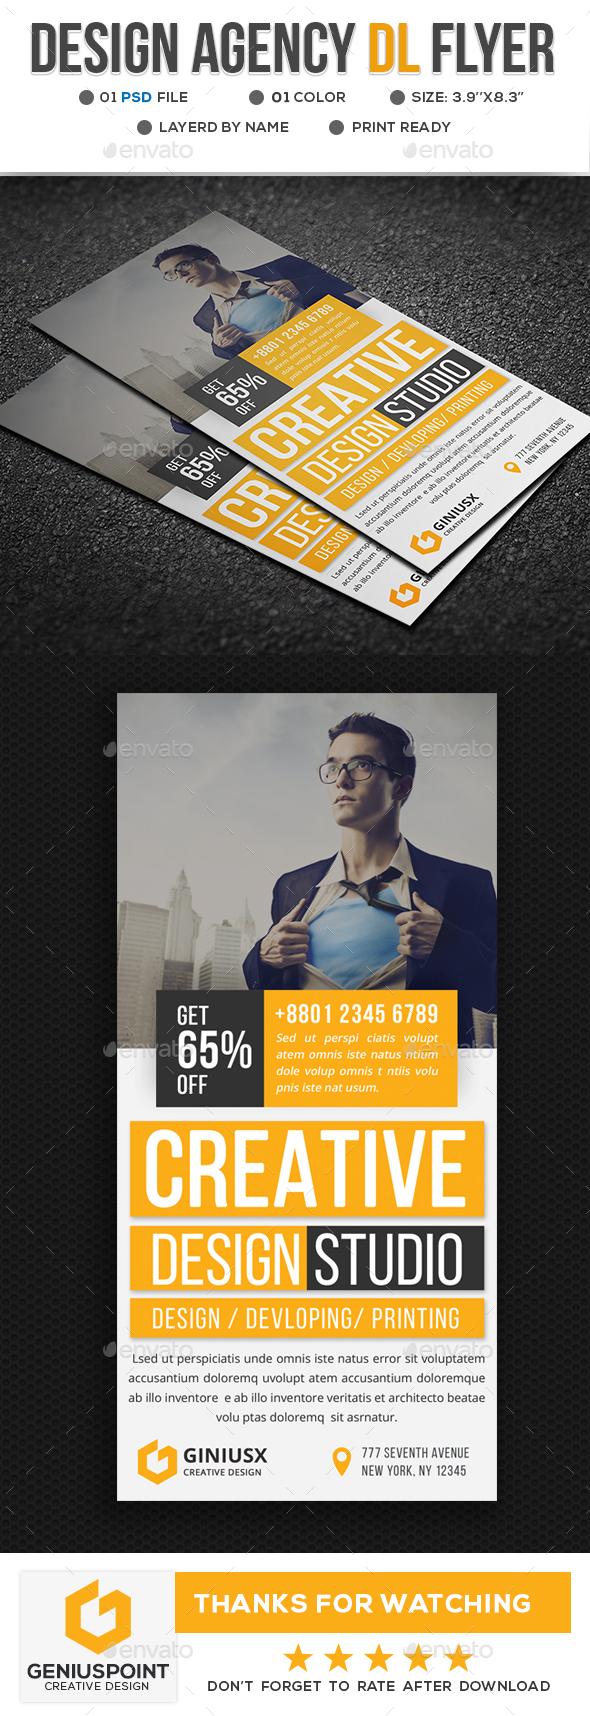 GraphicRiver Design Agency DL Flyer 21139931